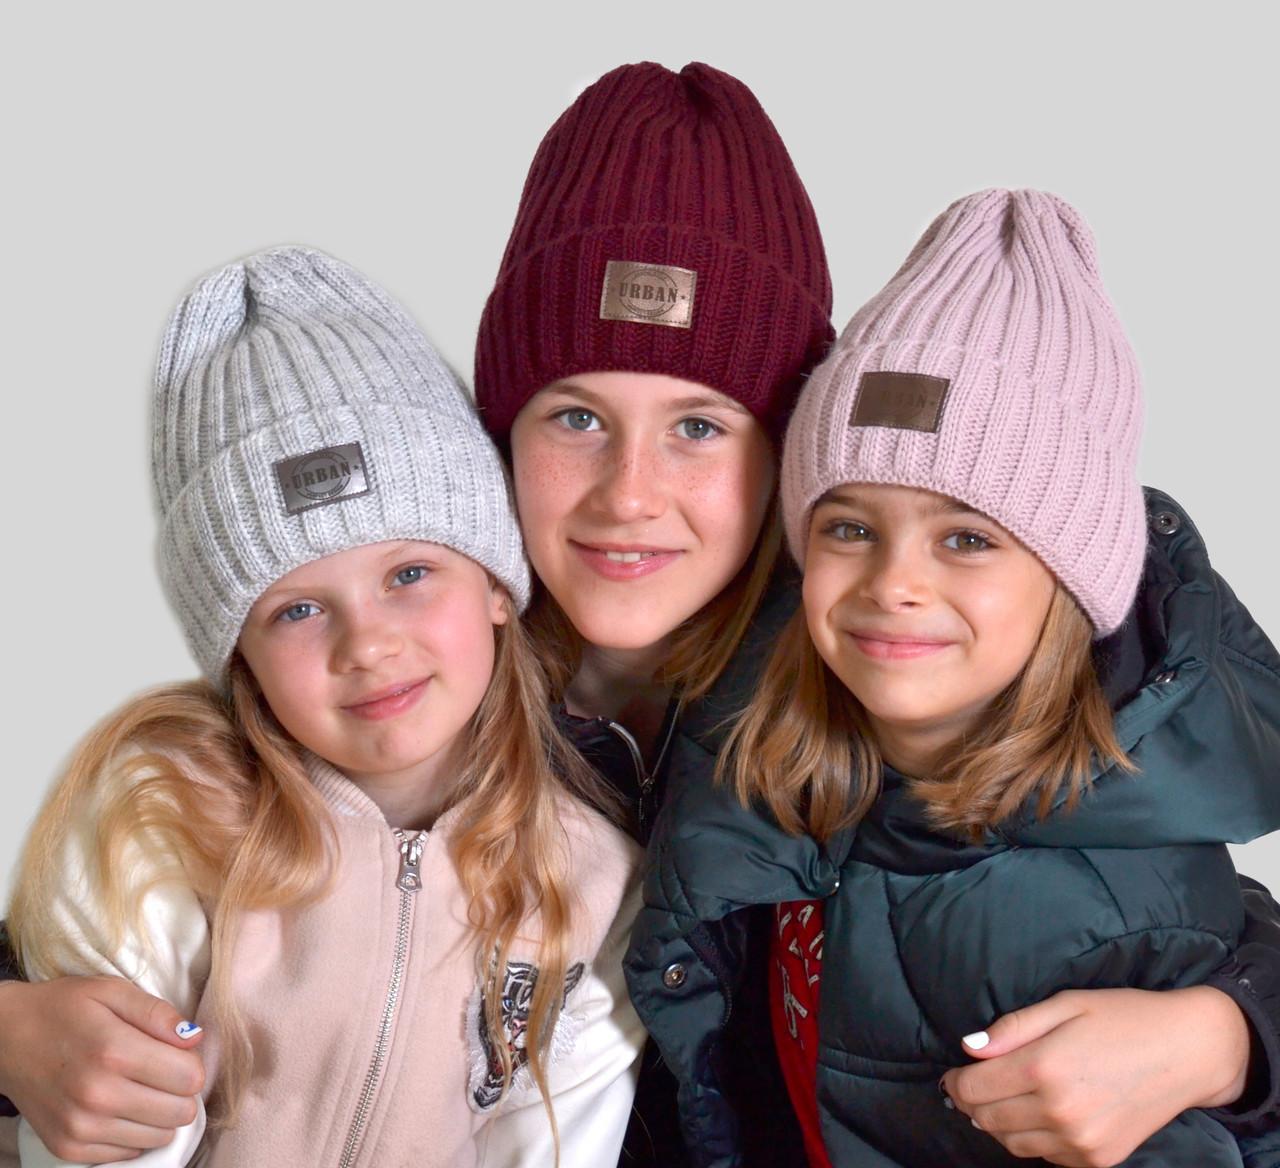 Новинка! Зимняя шапка Урбан флис. размеры: р.52-54(4-7 лет) и р.54-56 (от 7 лет). Есть много цветов.